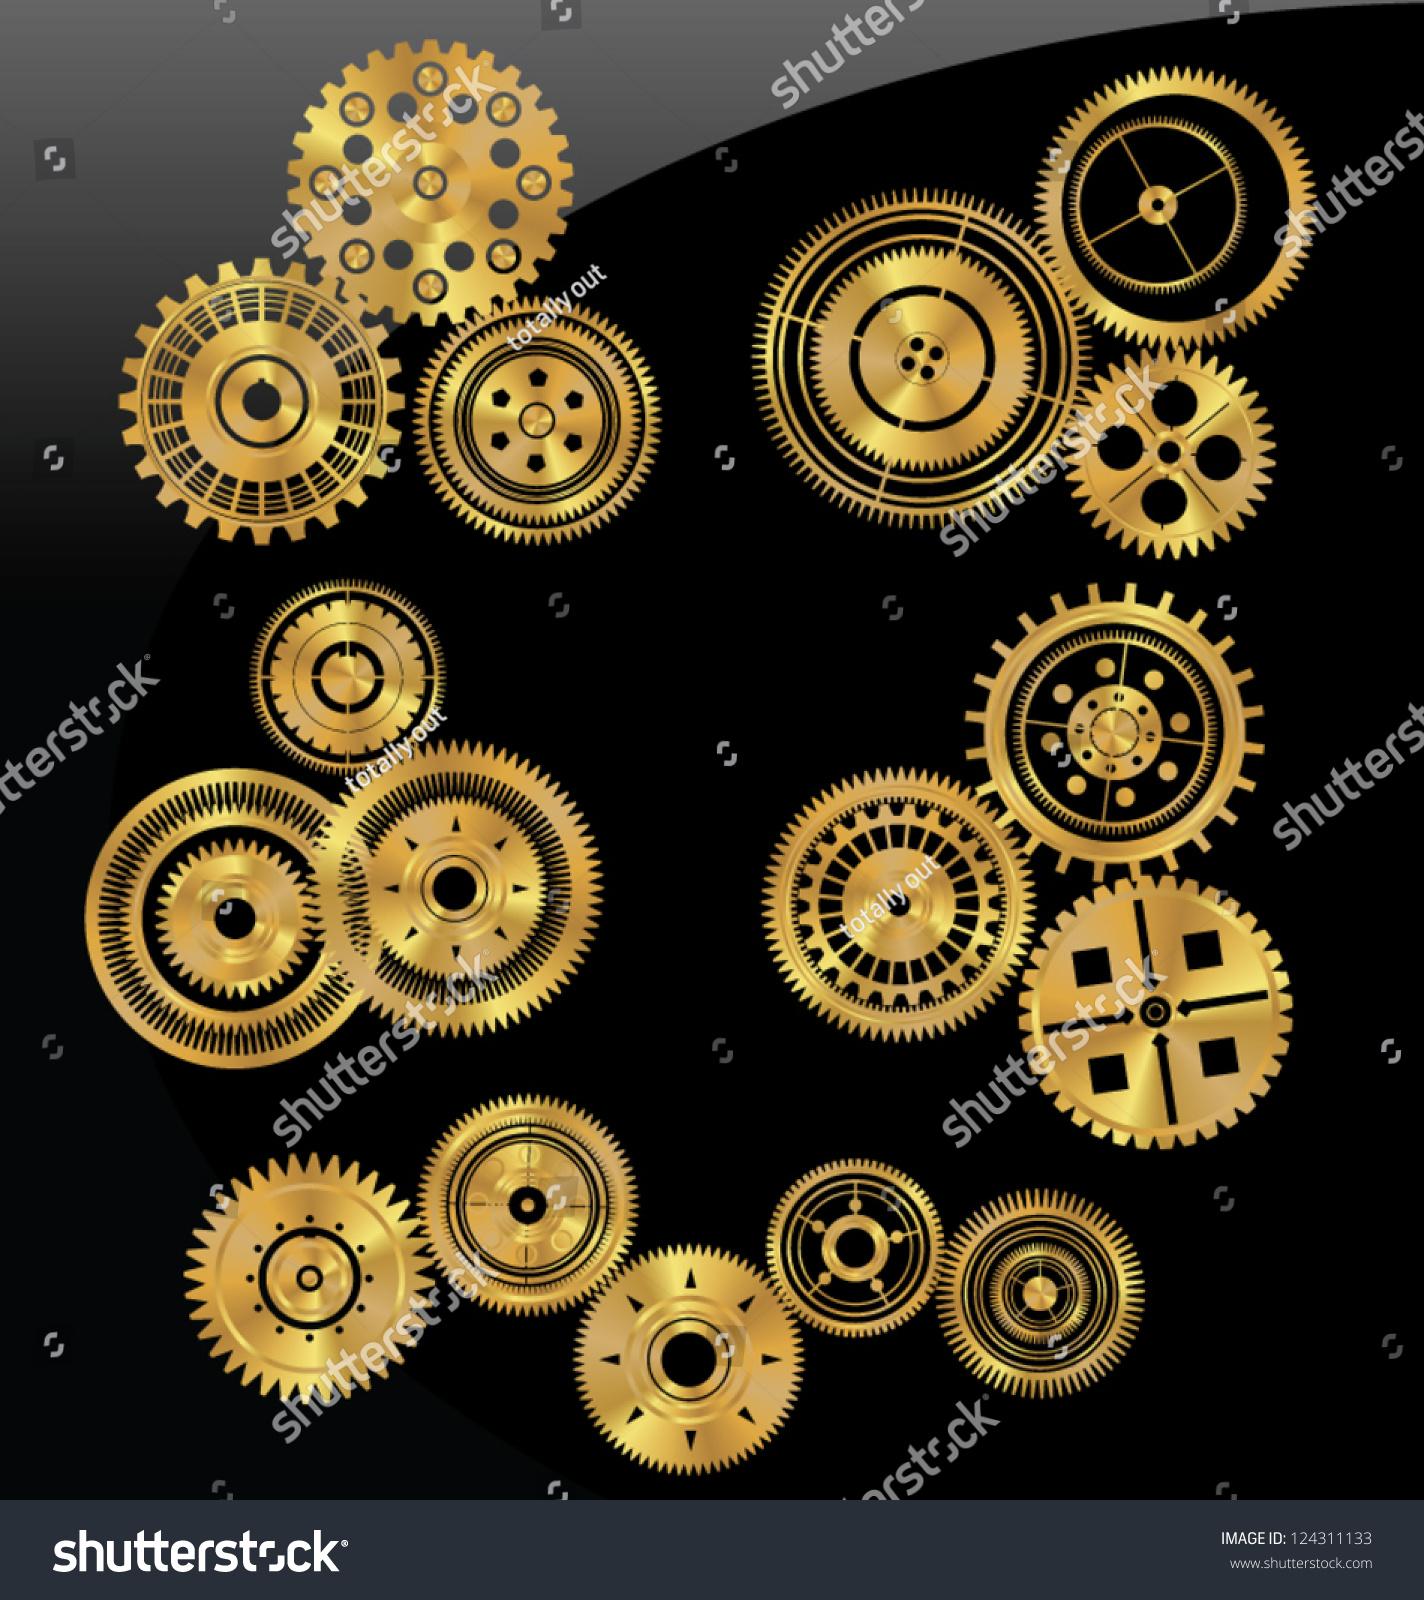 微信创意图片素材